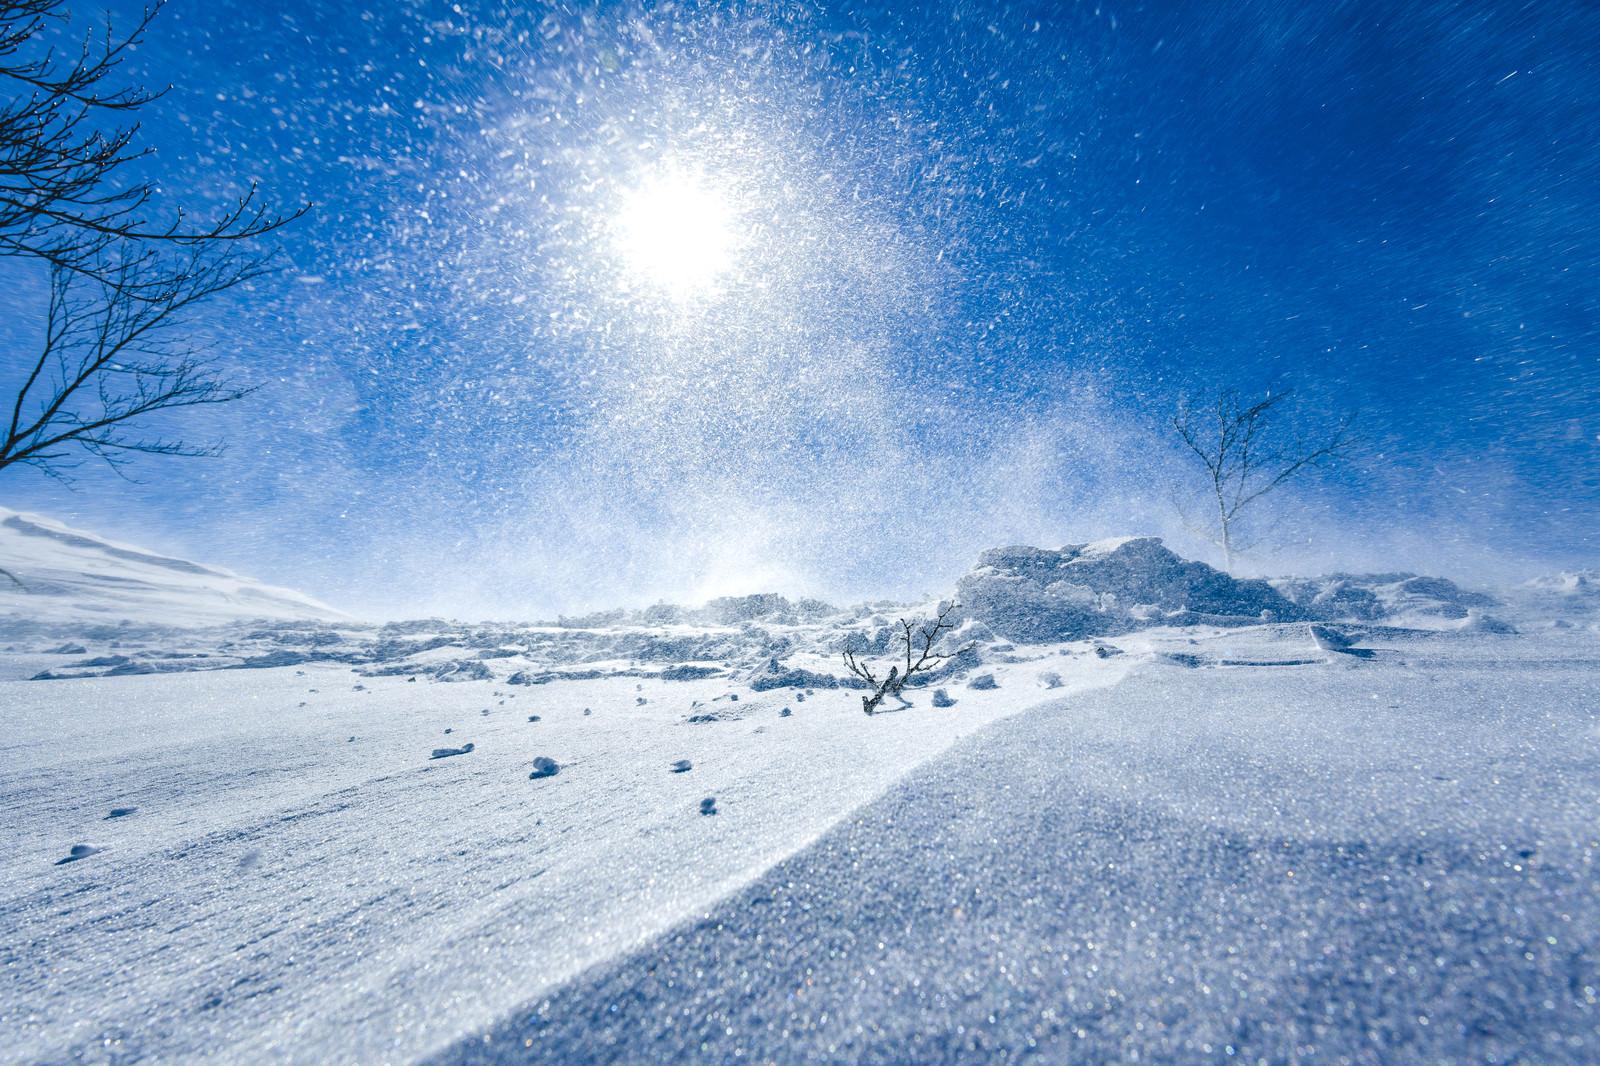 「強風で湧き上がる雪煙と太陽(谷川岳)」の写真